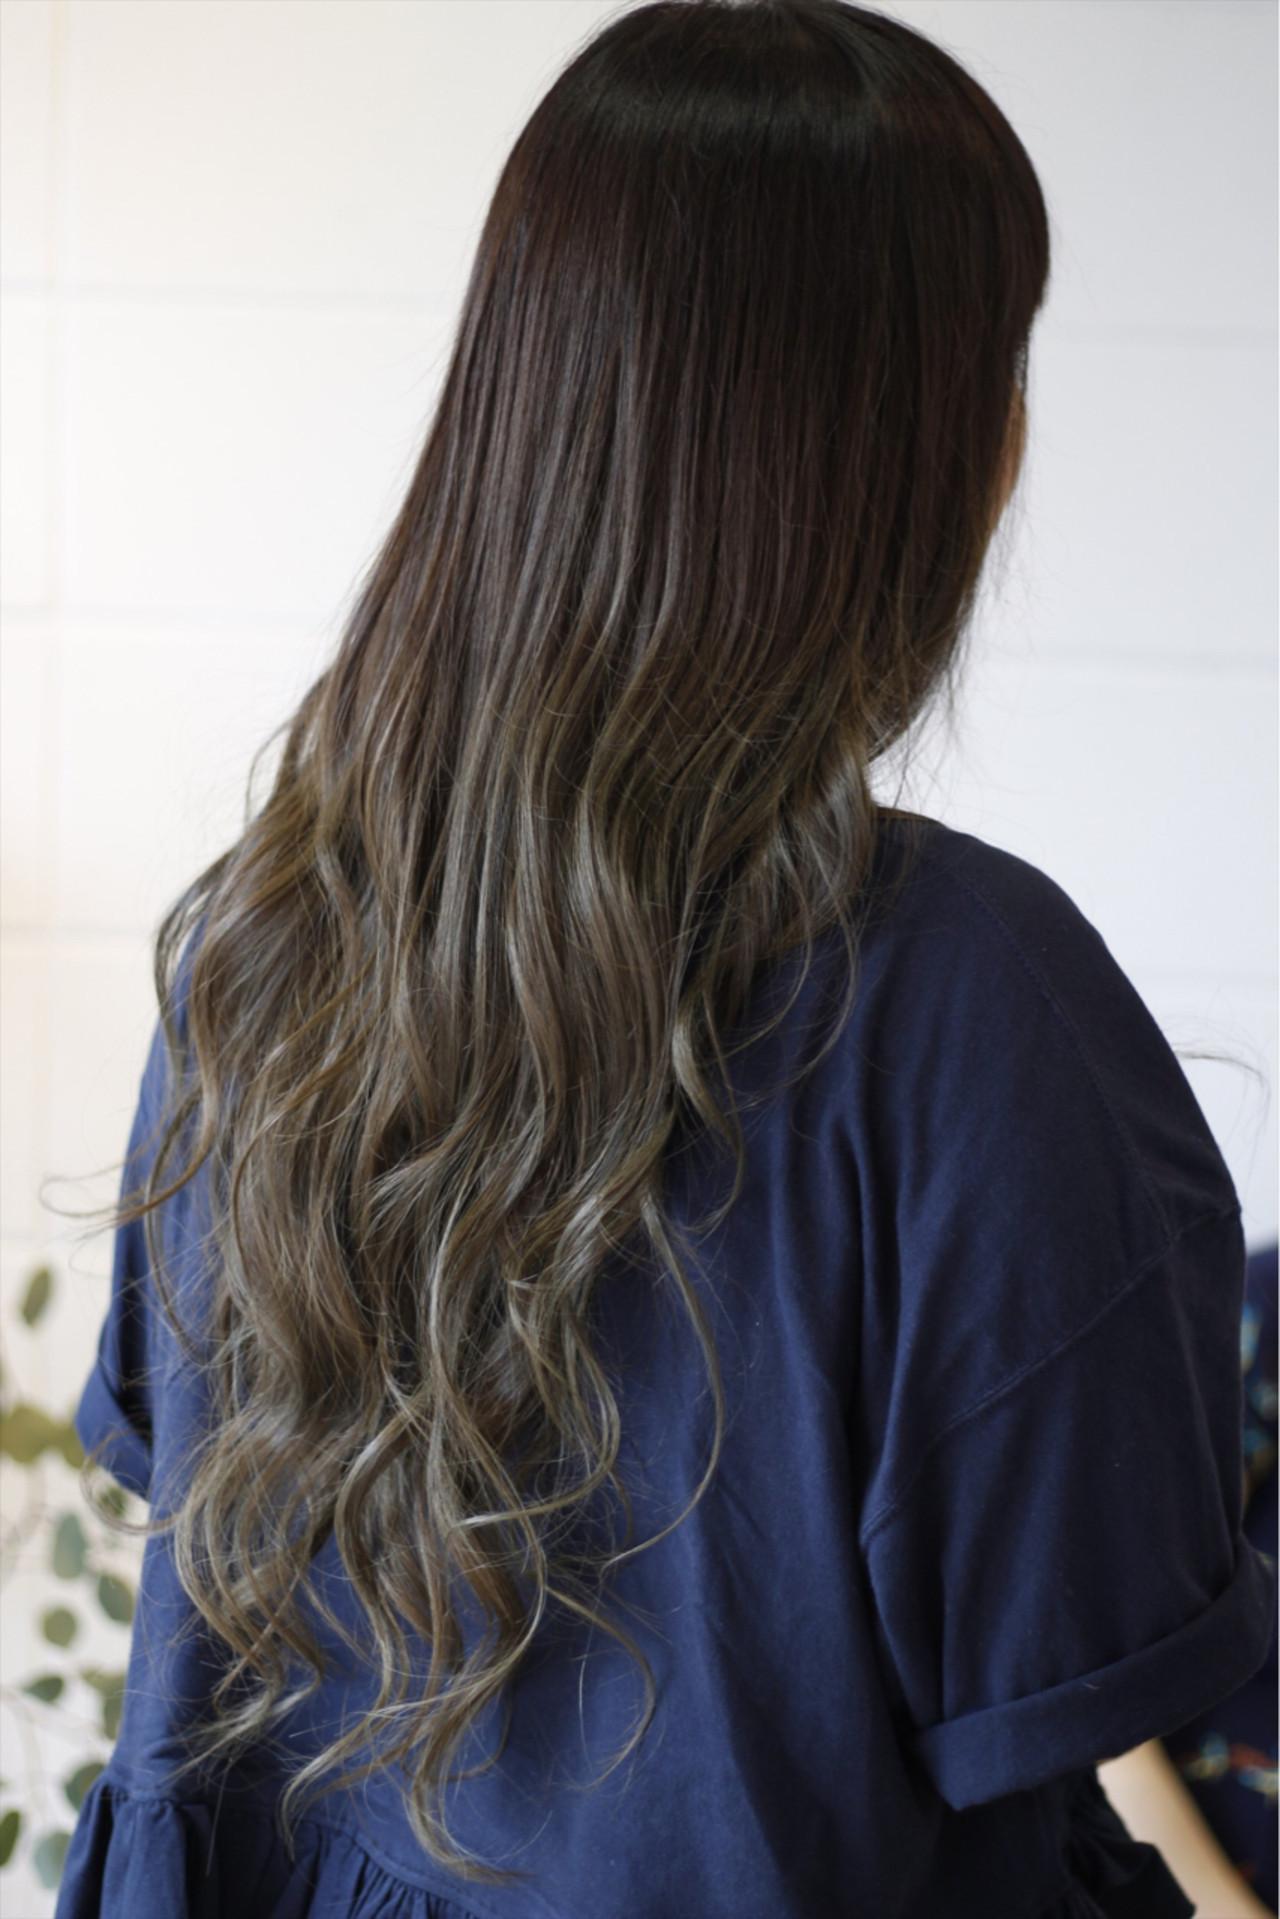 外国人風 ハイトーン バレイヤージュ ロング ヘアスタイルや髪型の写真・画像